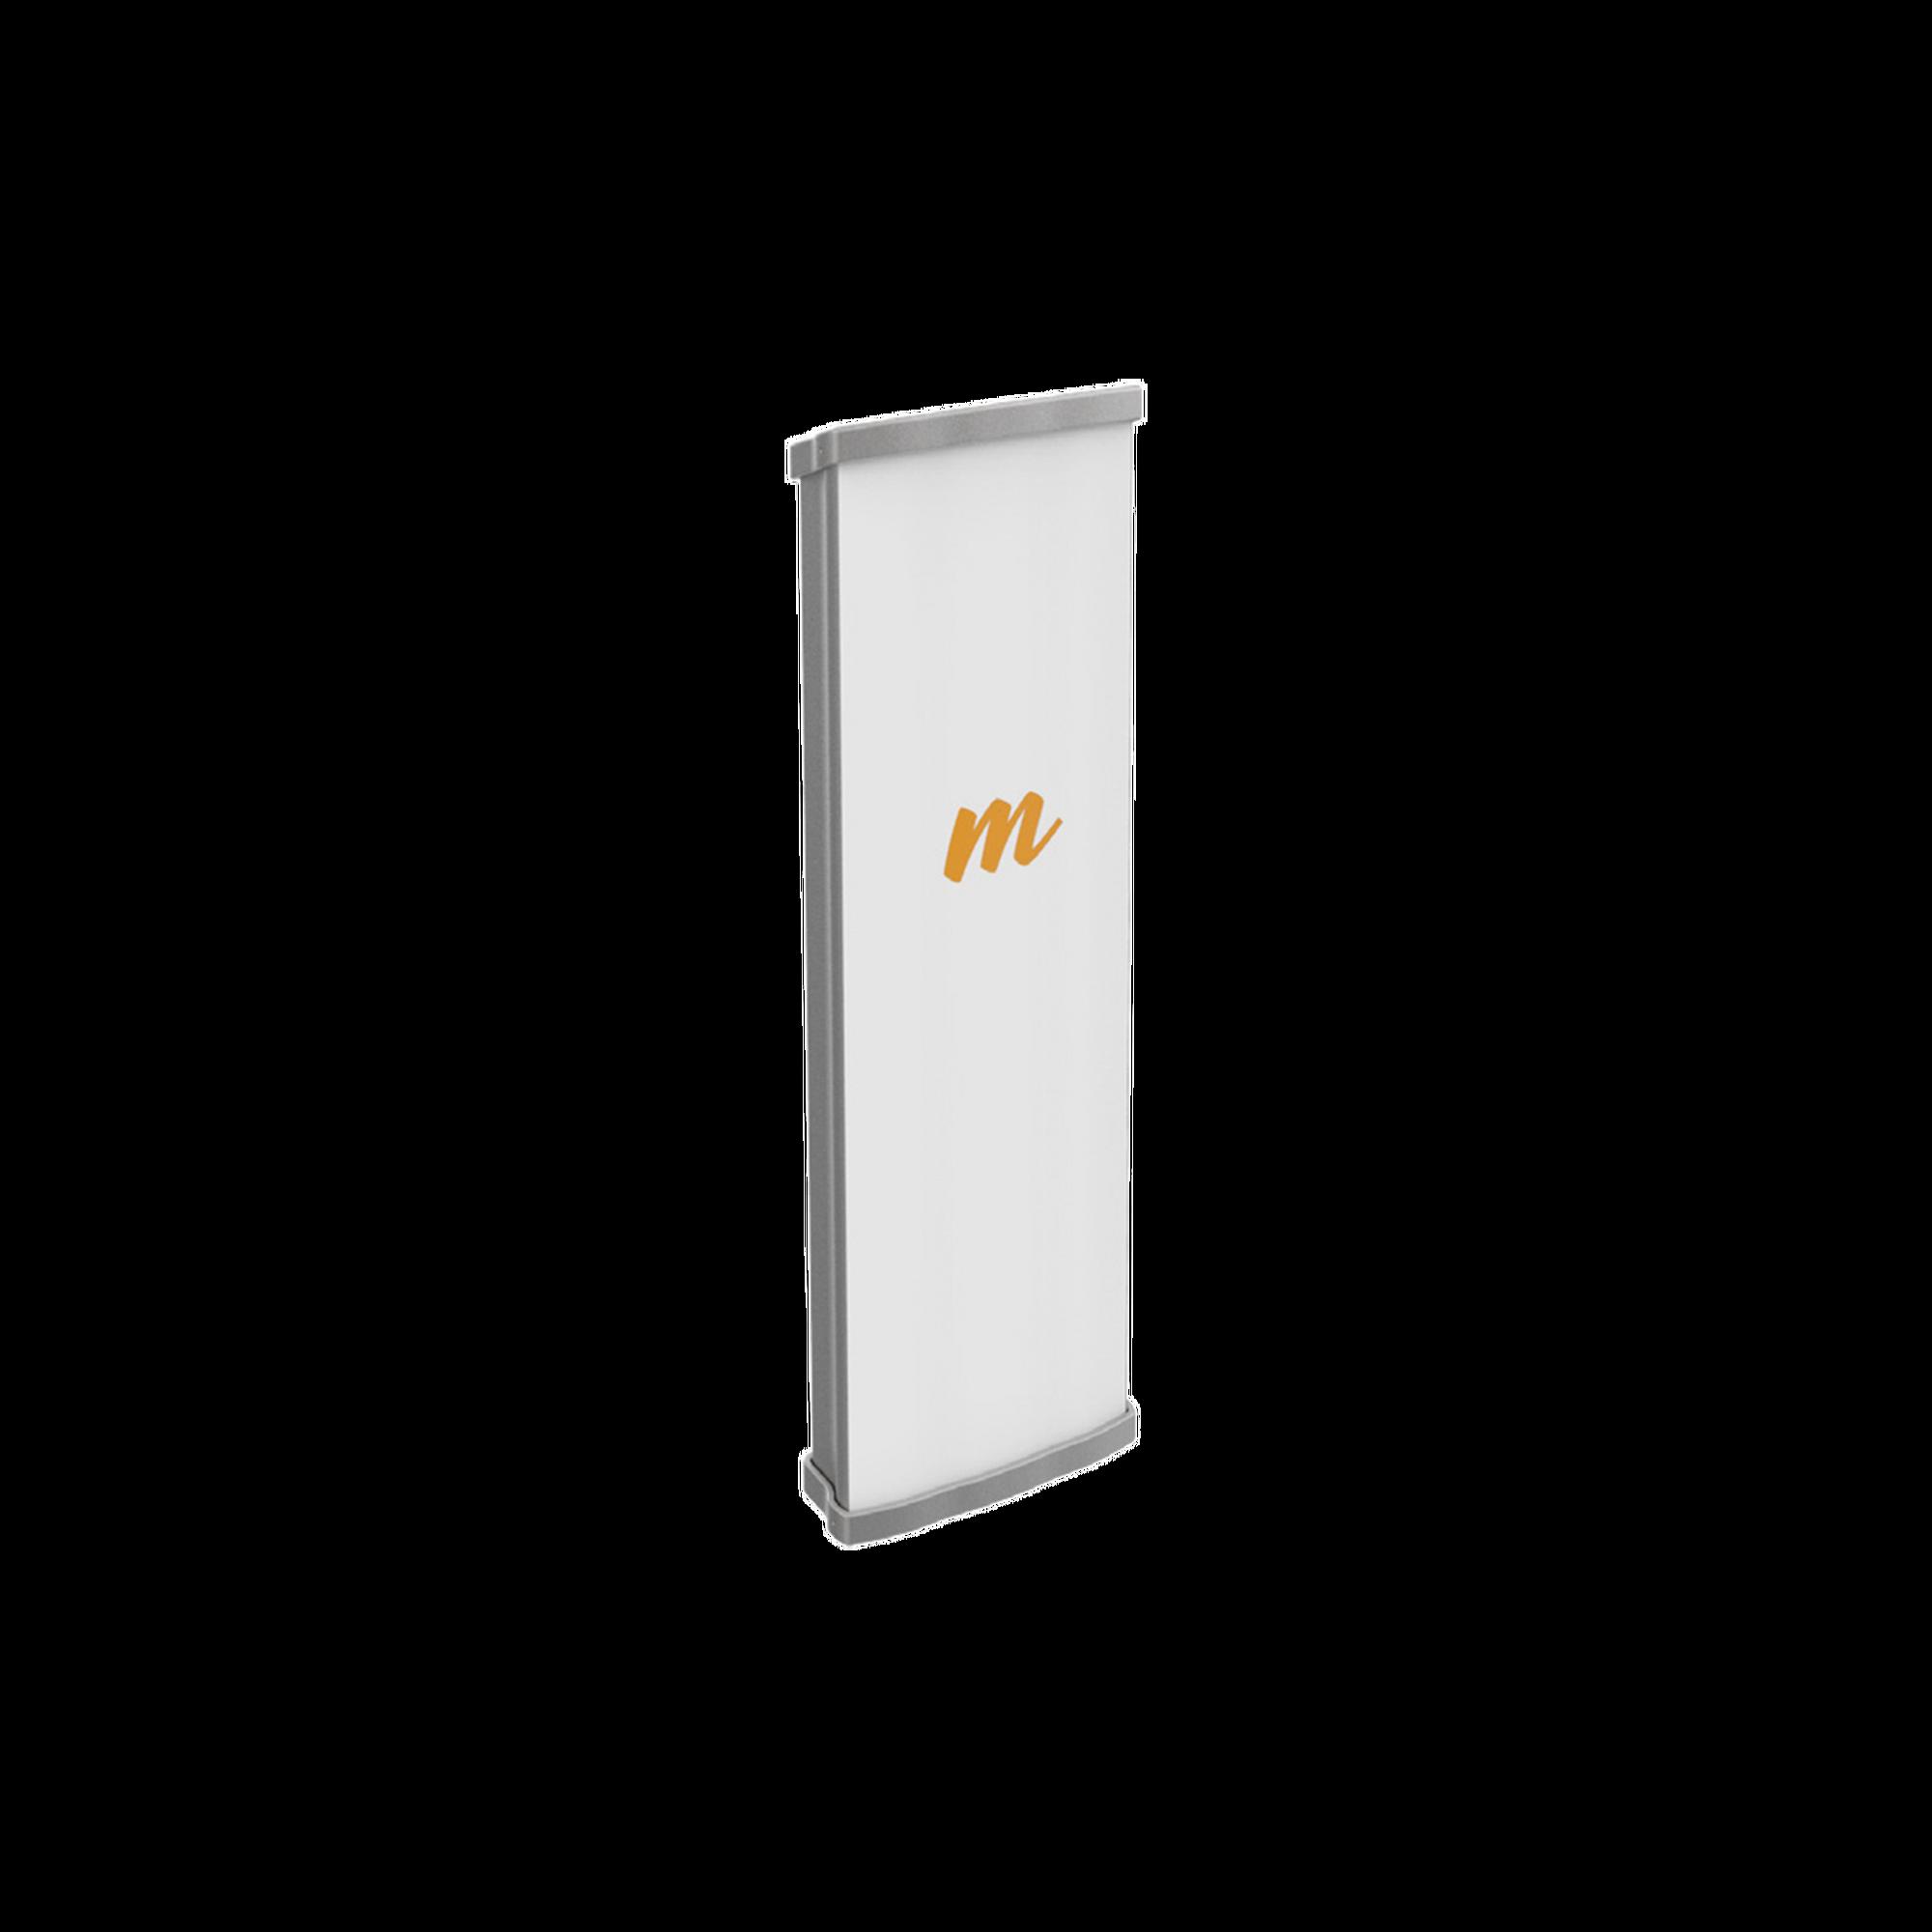 Antena Sectorial MIMO 2X2 de 45?, 4.9 - 6.4 GHz, Ganacia de 19 dBi, IP55, 2 Conectores N-hembra, Montaje incluido